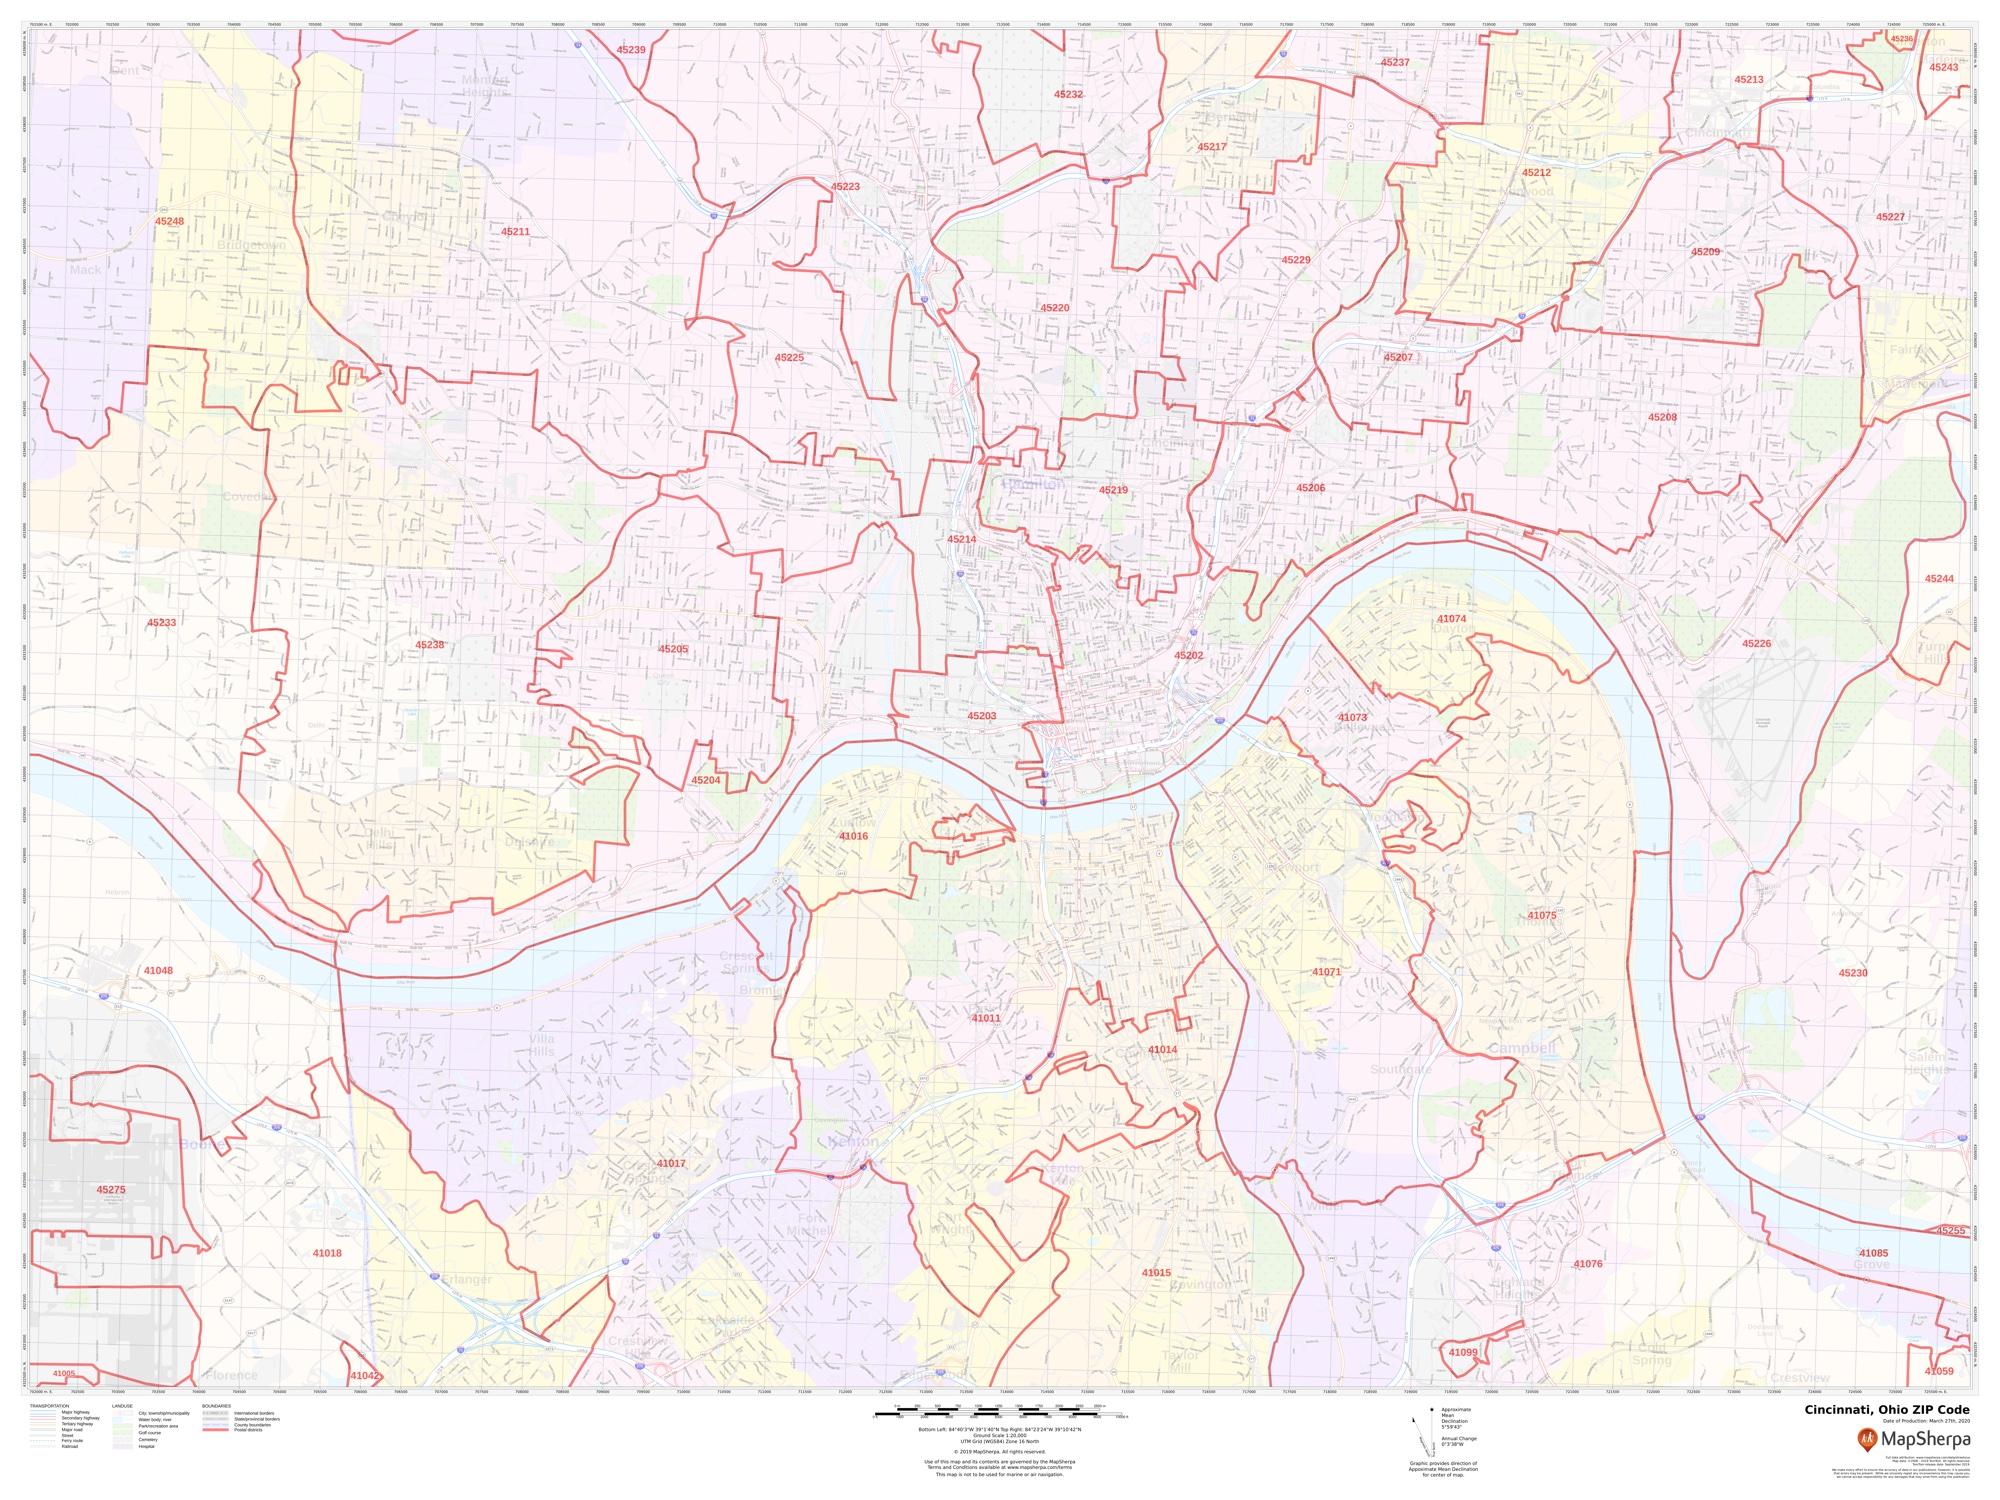 Cincinnati ZIP Code Map, Ohio on